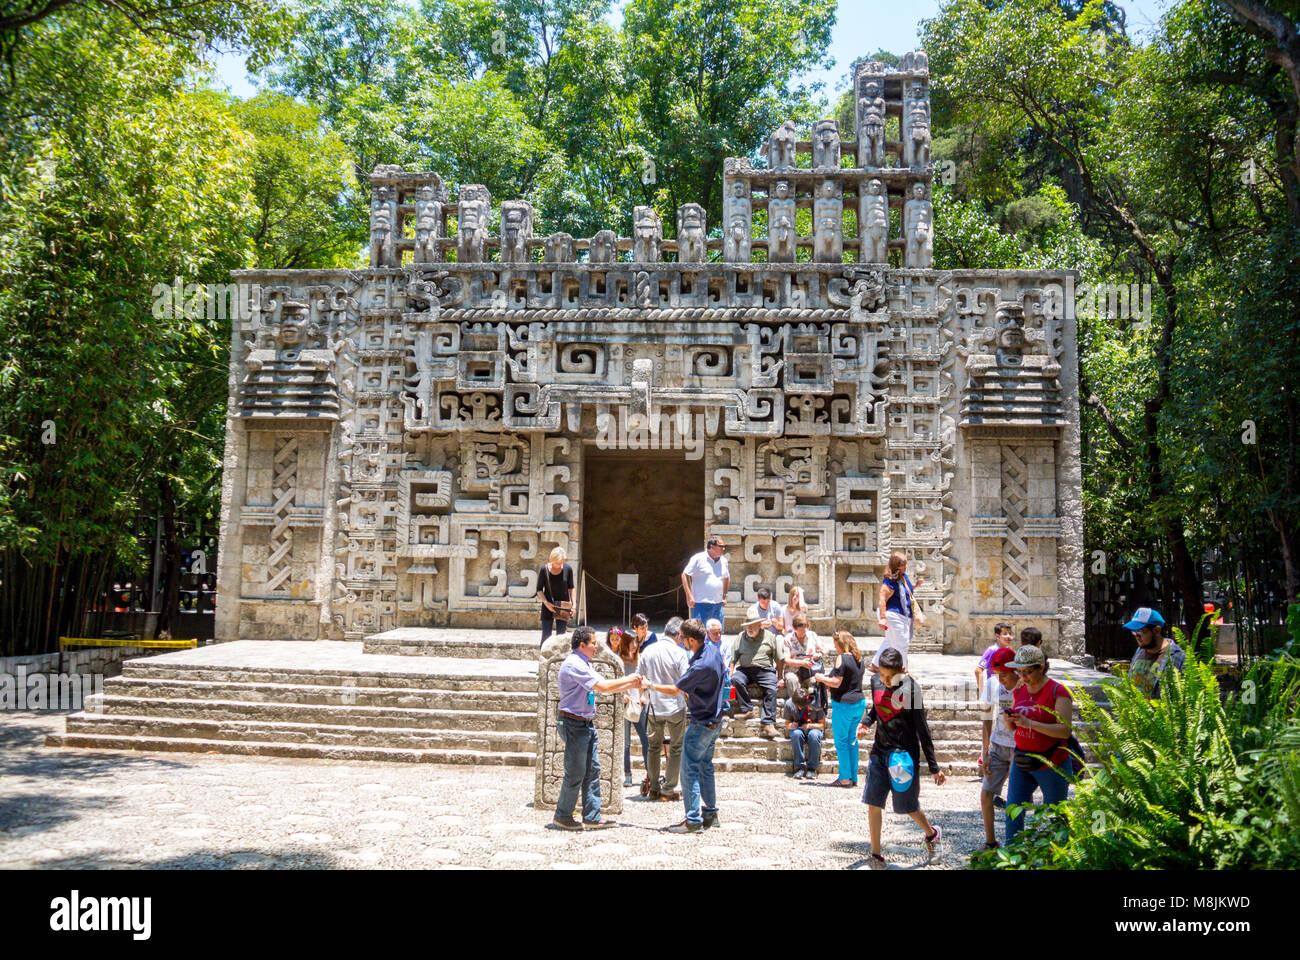 Museo Nacional de Antropologia Mexico City Mexico - Stock Image